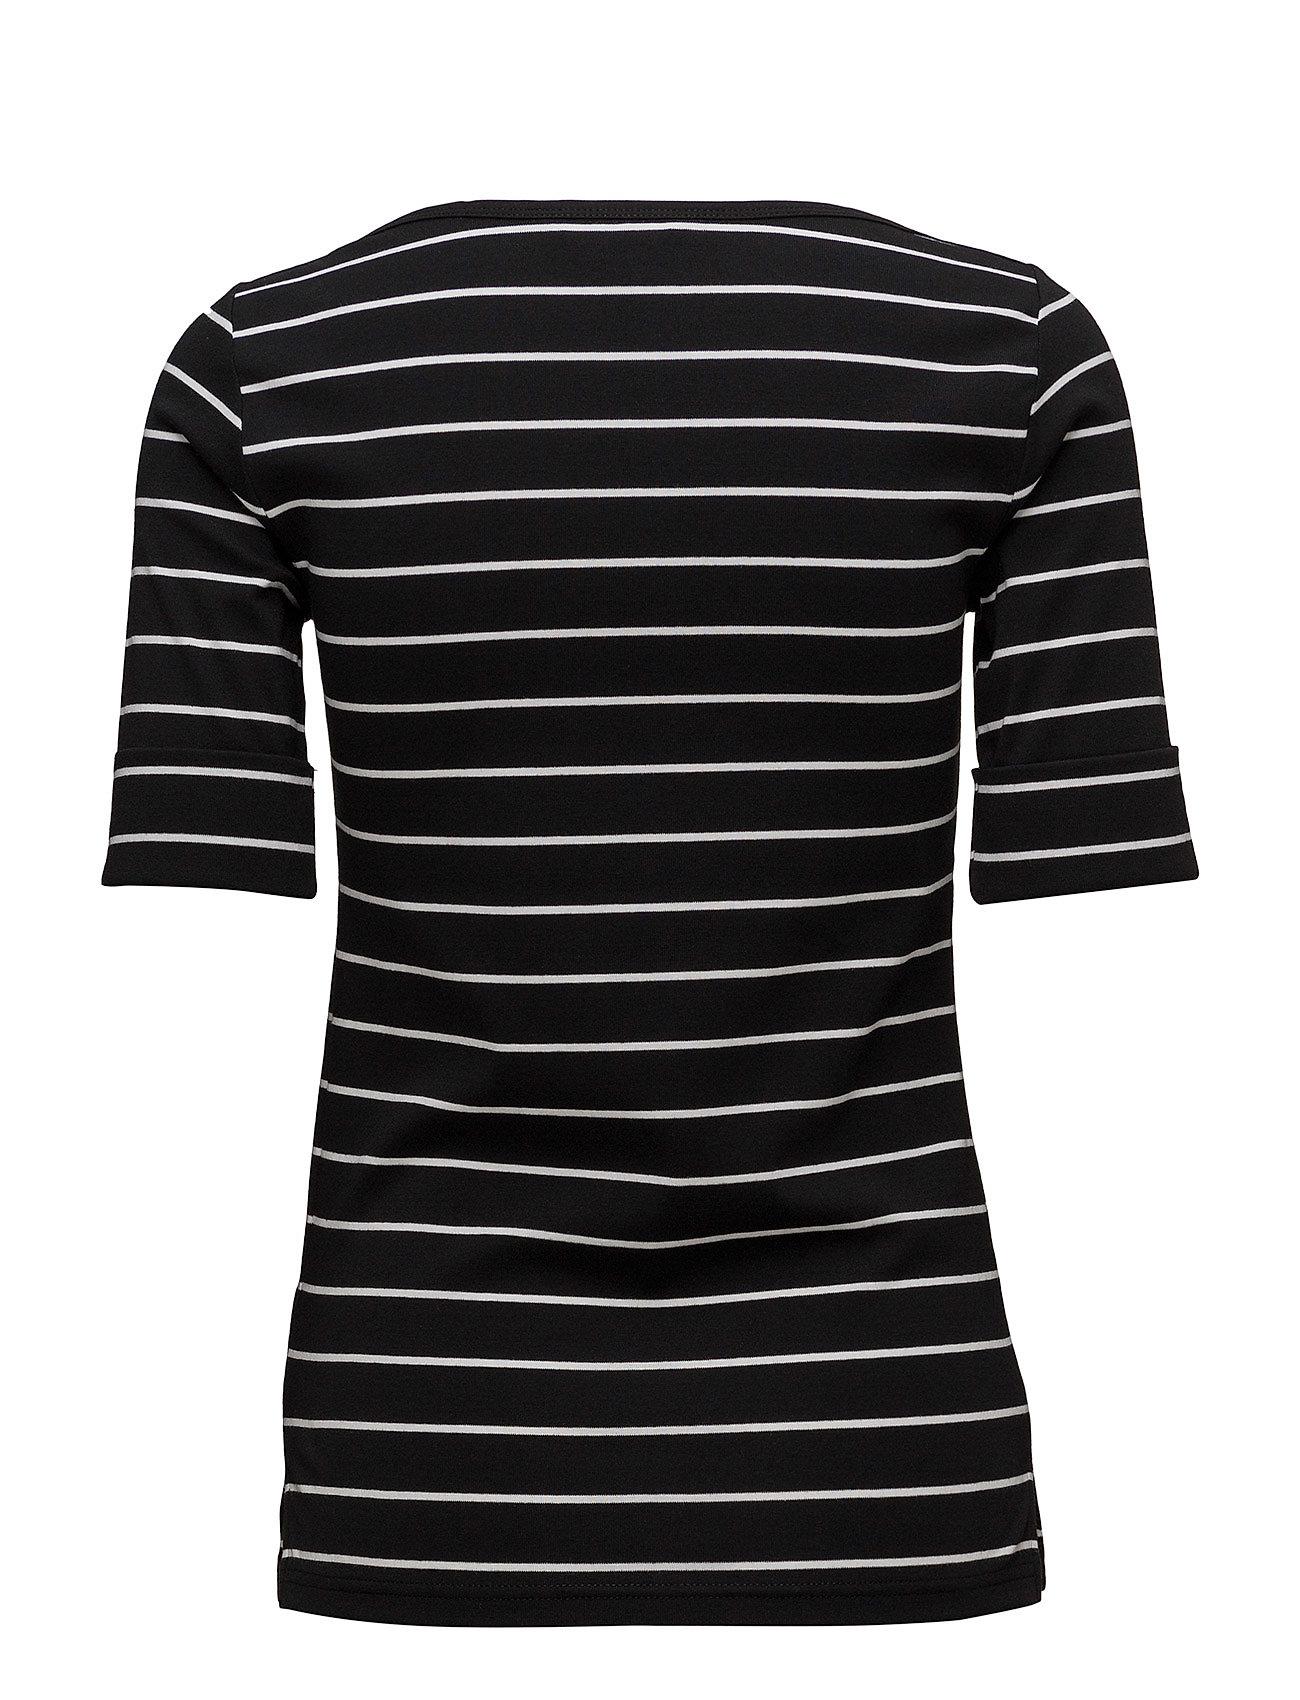 Elbow Knit whiteLauren Black length Toppolo Ralph sleeve 34Rj5cqAL